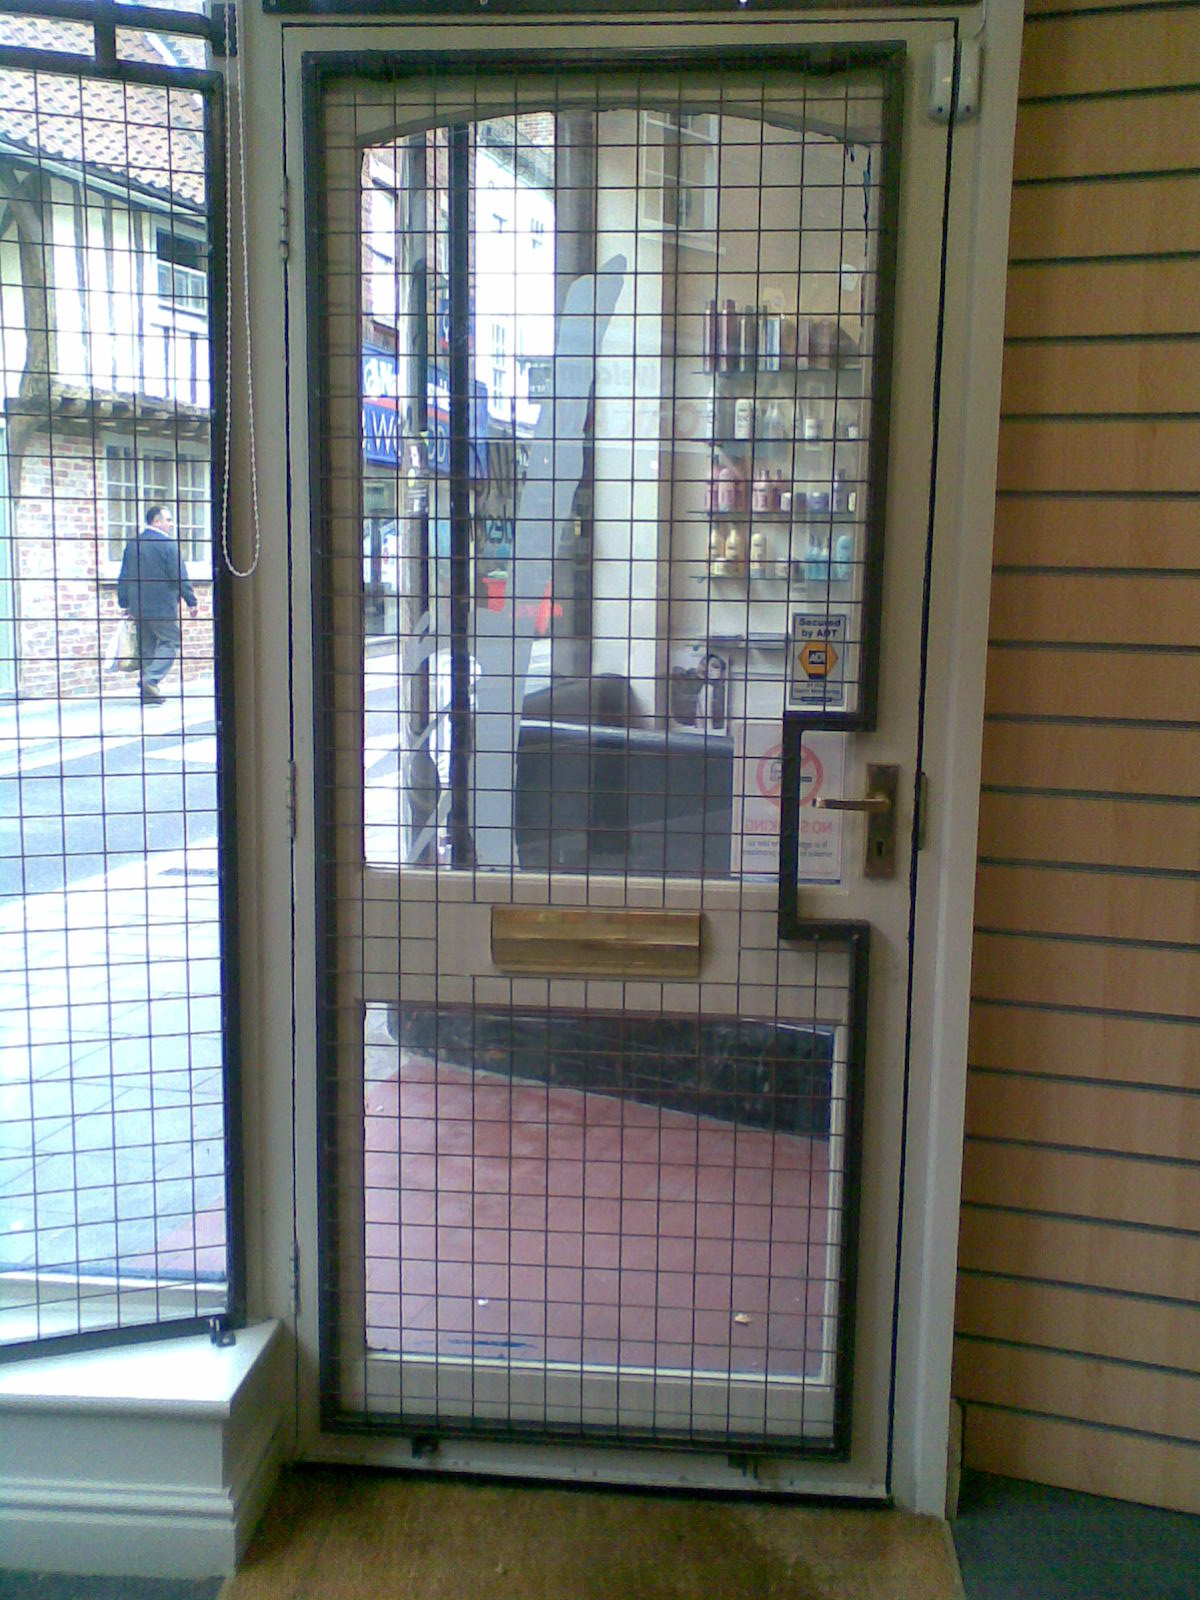 Mesh Security Grilles & Door Guard